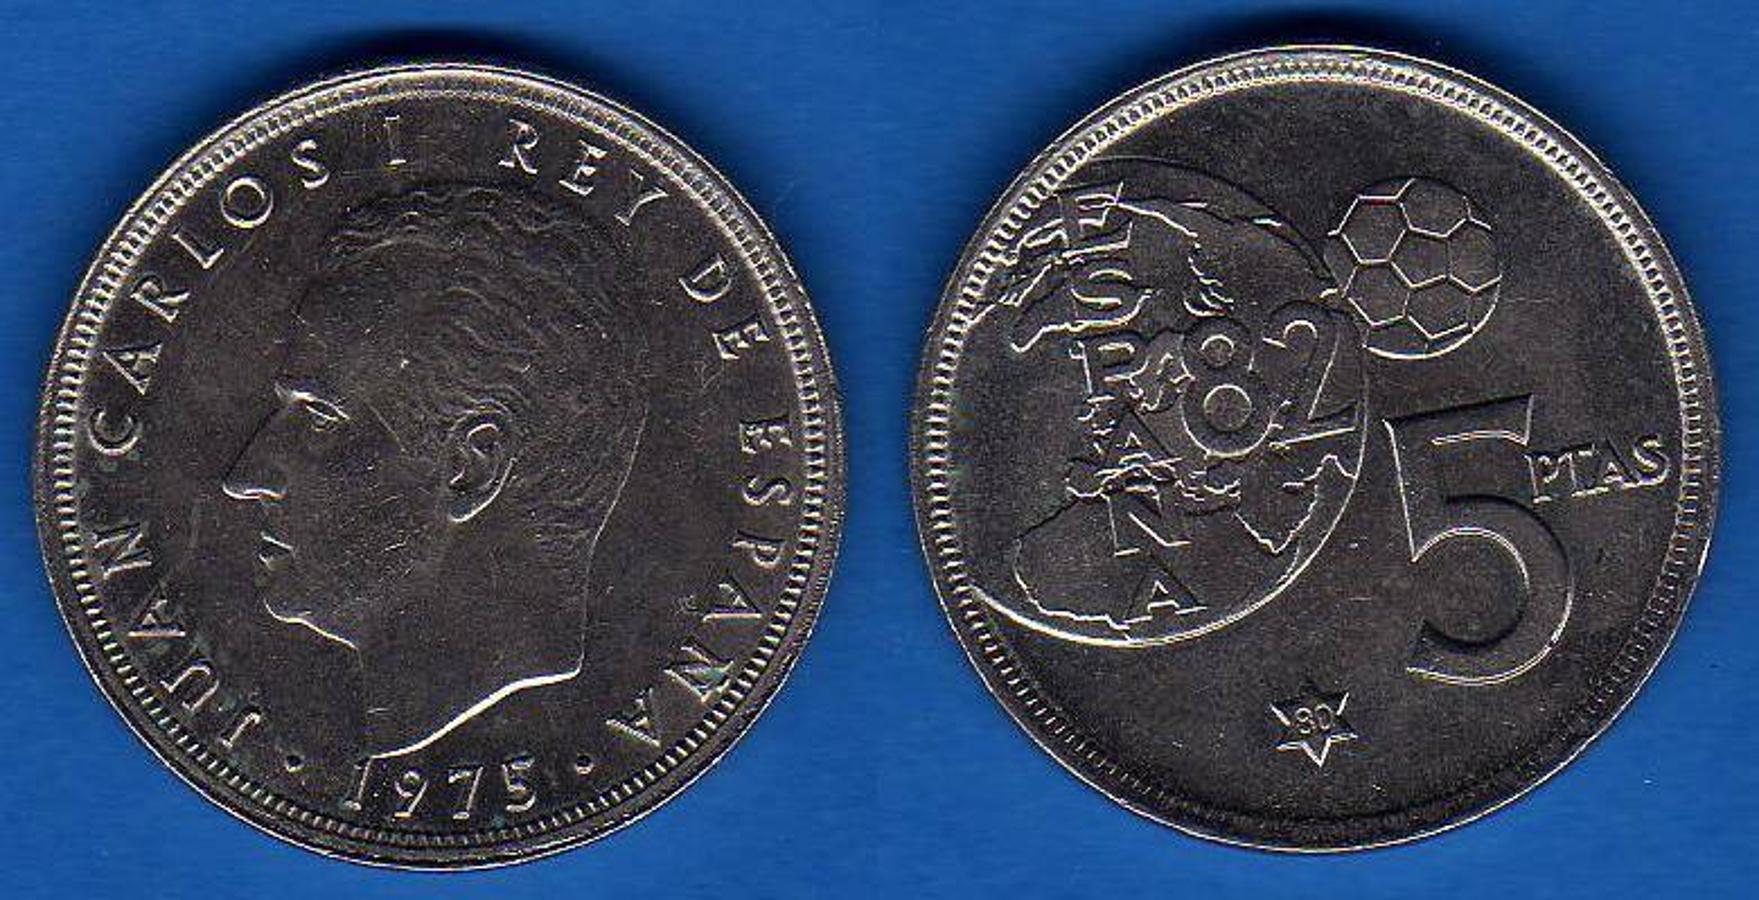 5 Pesetas 1975 (Reverso del Mundial del 82). Se trata de una de las más cotizadas, porque se fabricaron con motivo del Mundial del 82, aunque hubo un error y en algunas figura el año 1975. Los coleccionistas pagan entre 350 y 400 euros.